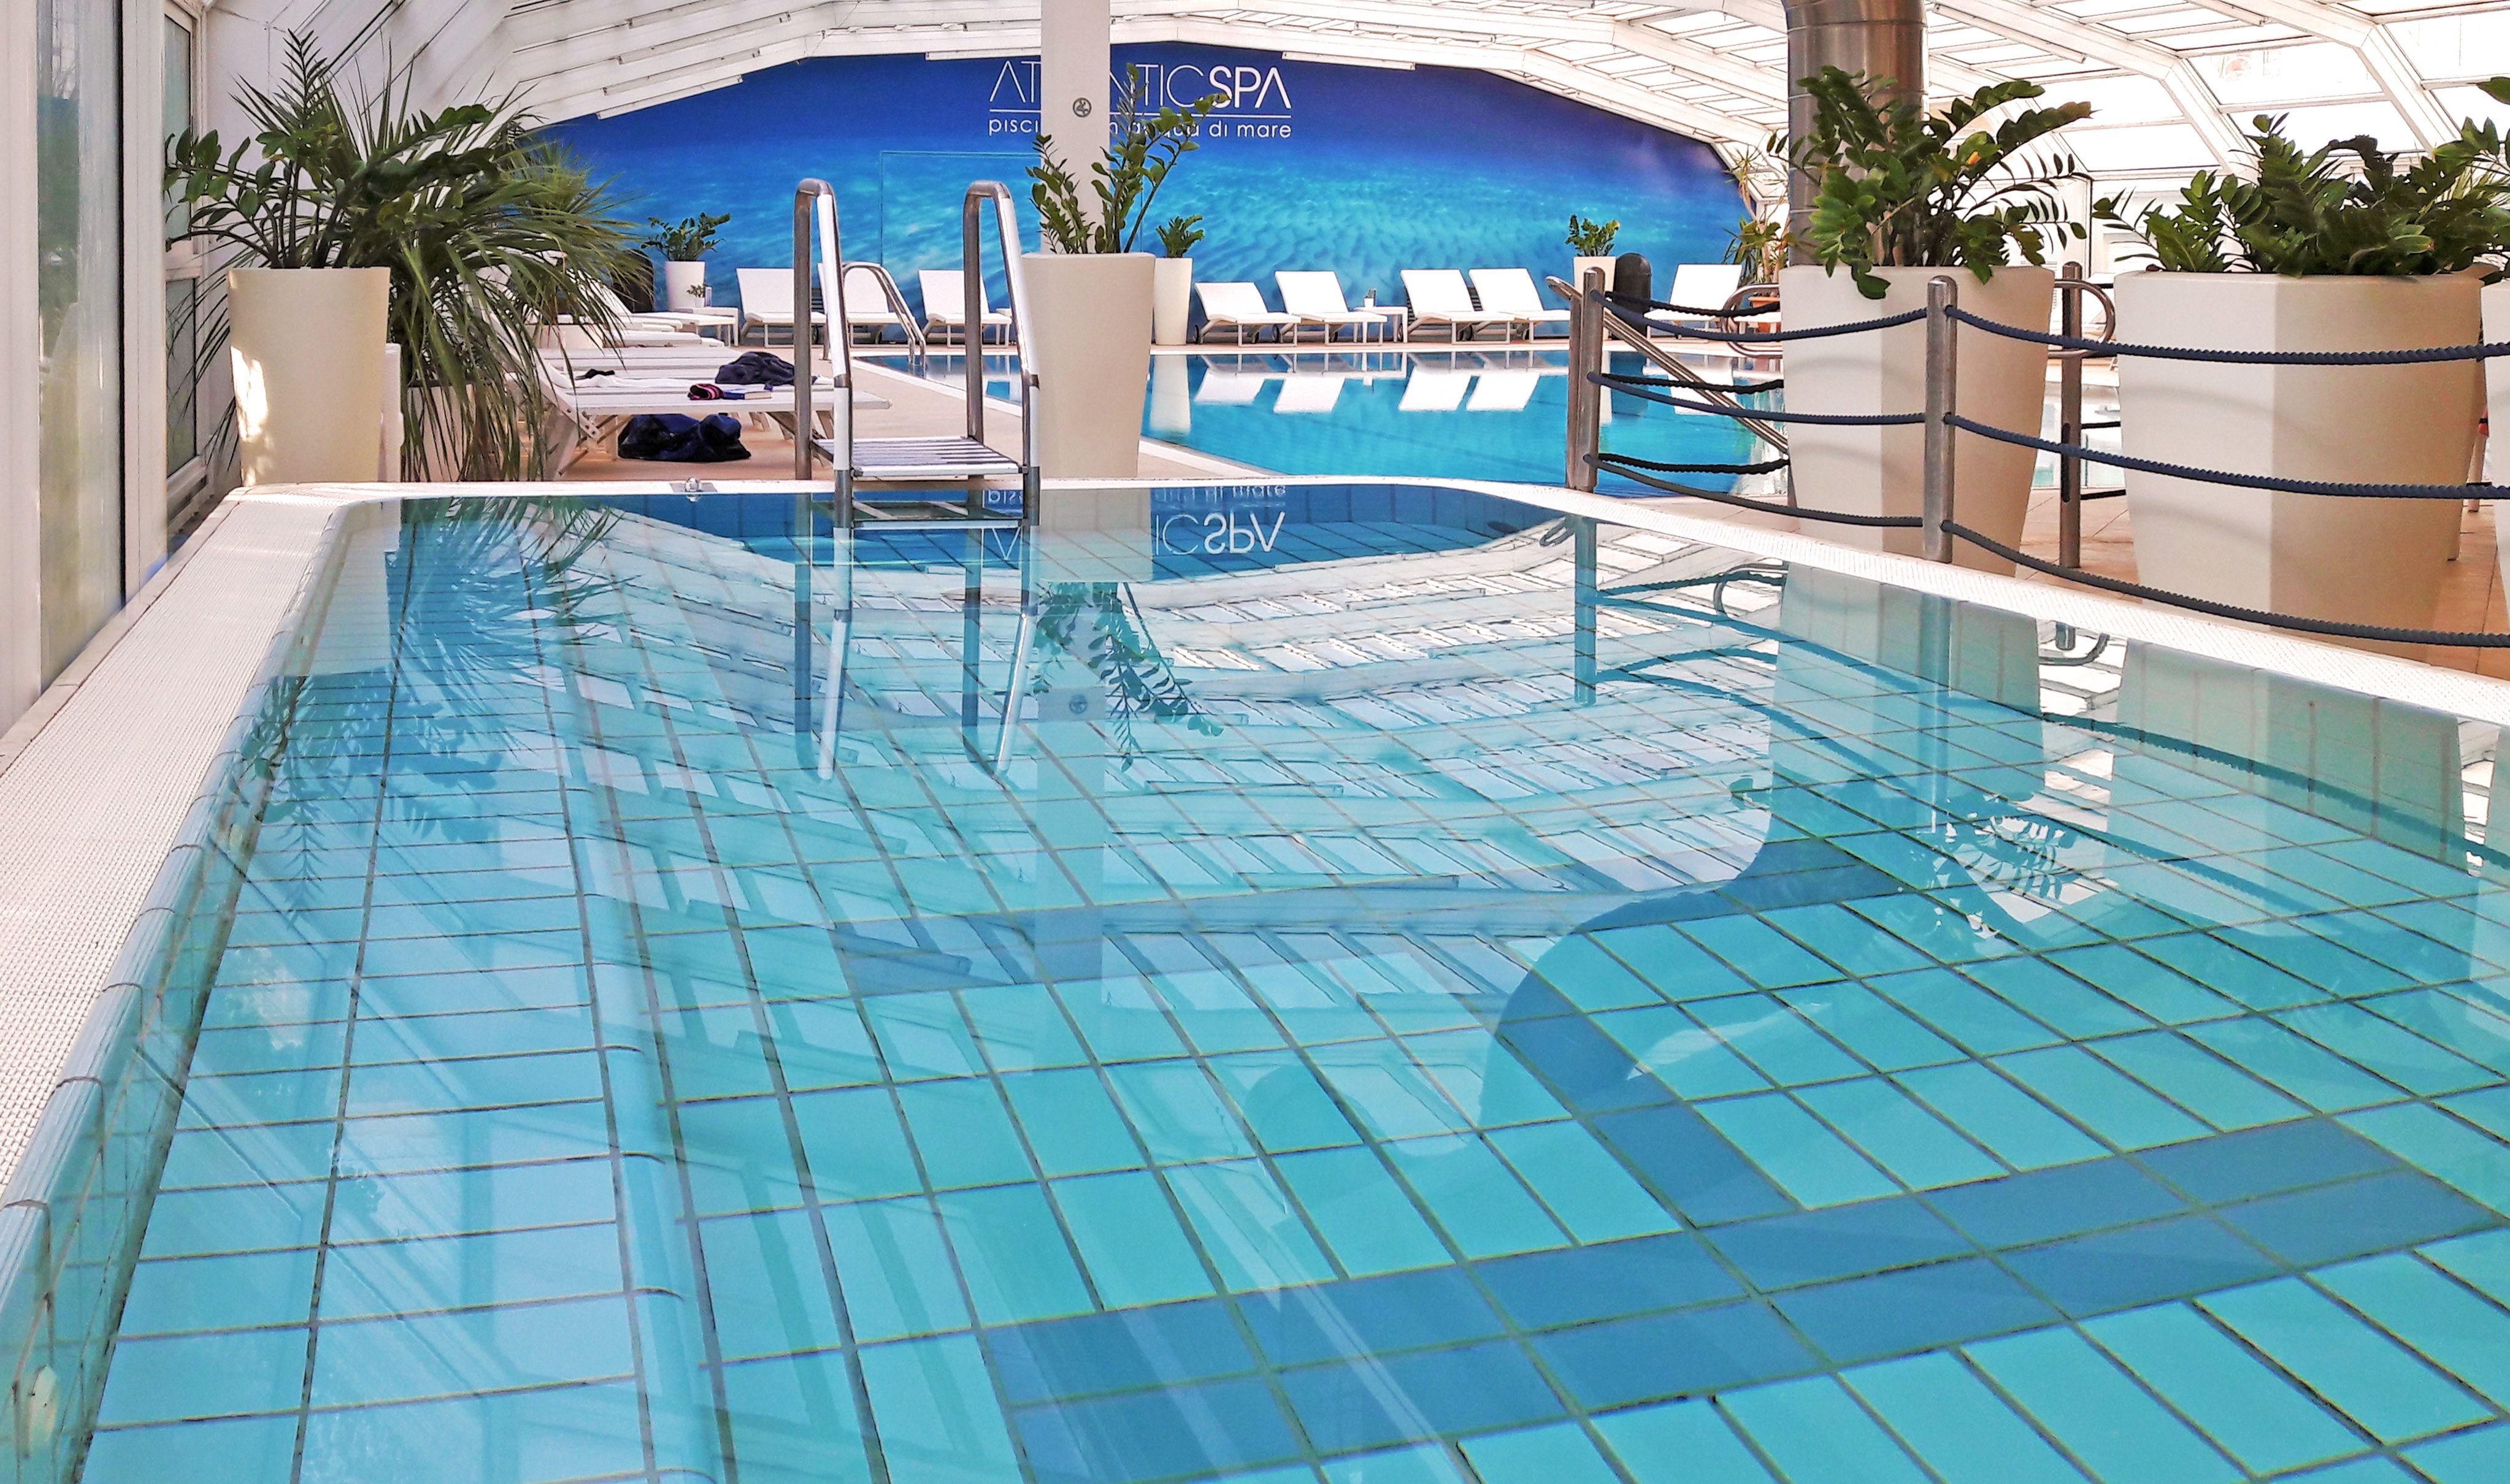 La piscina coperta con autentica acqua marina a 30° dell